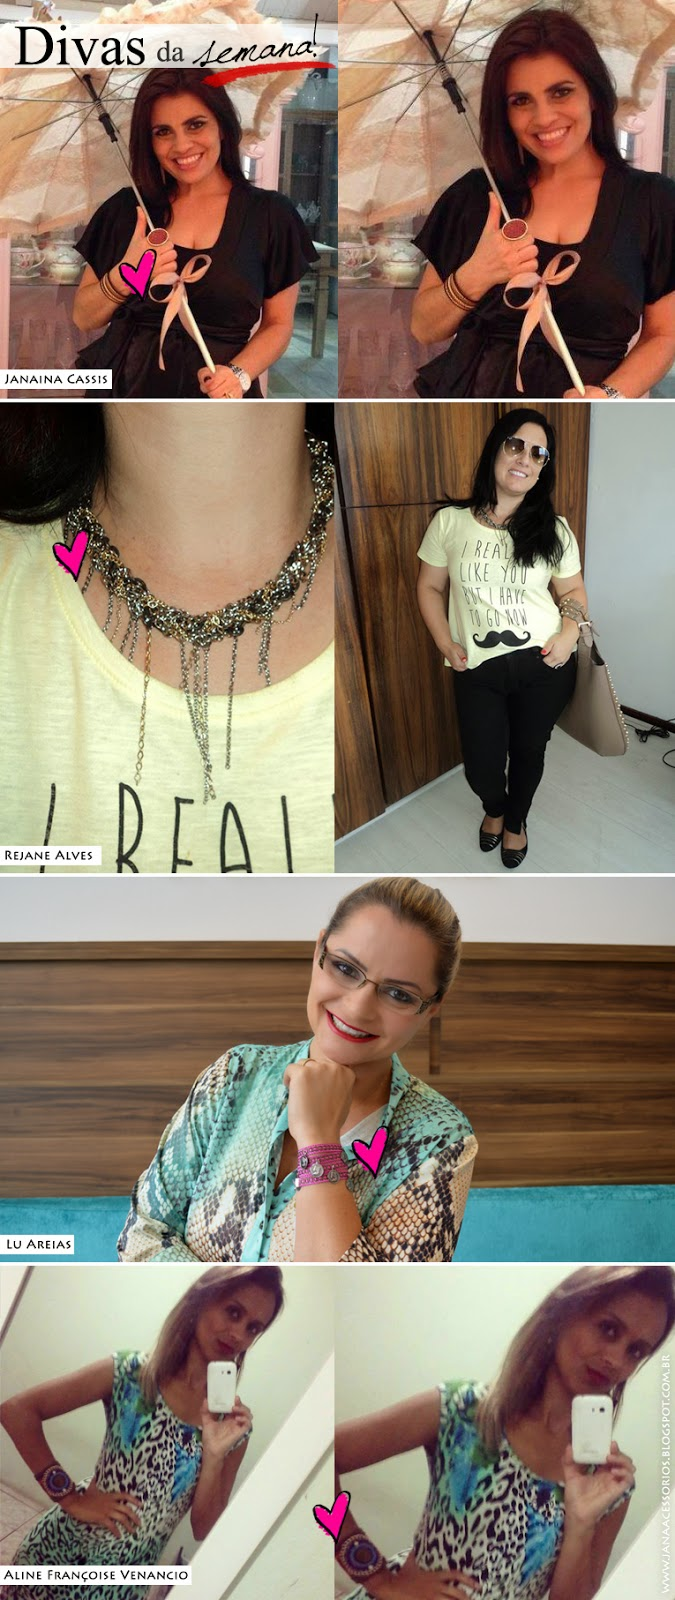 Blog da Jana, blog de acessórios, Divas, clientes, Joinville, colar, brinco, tees